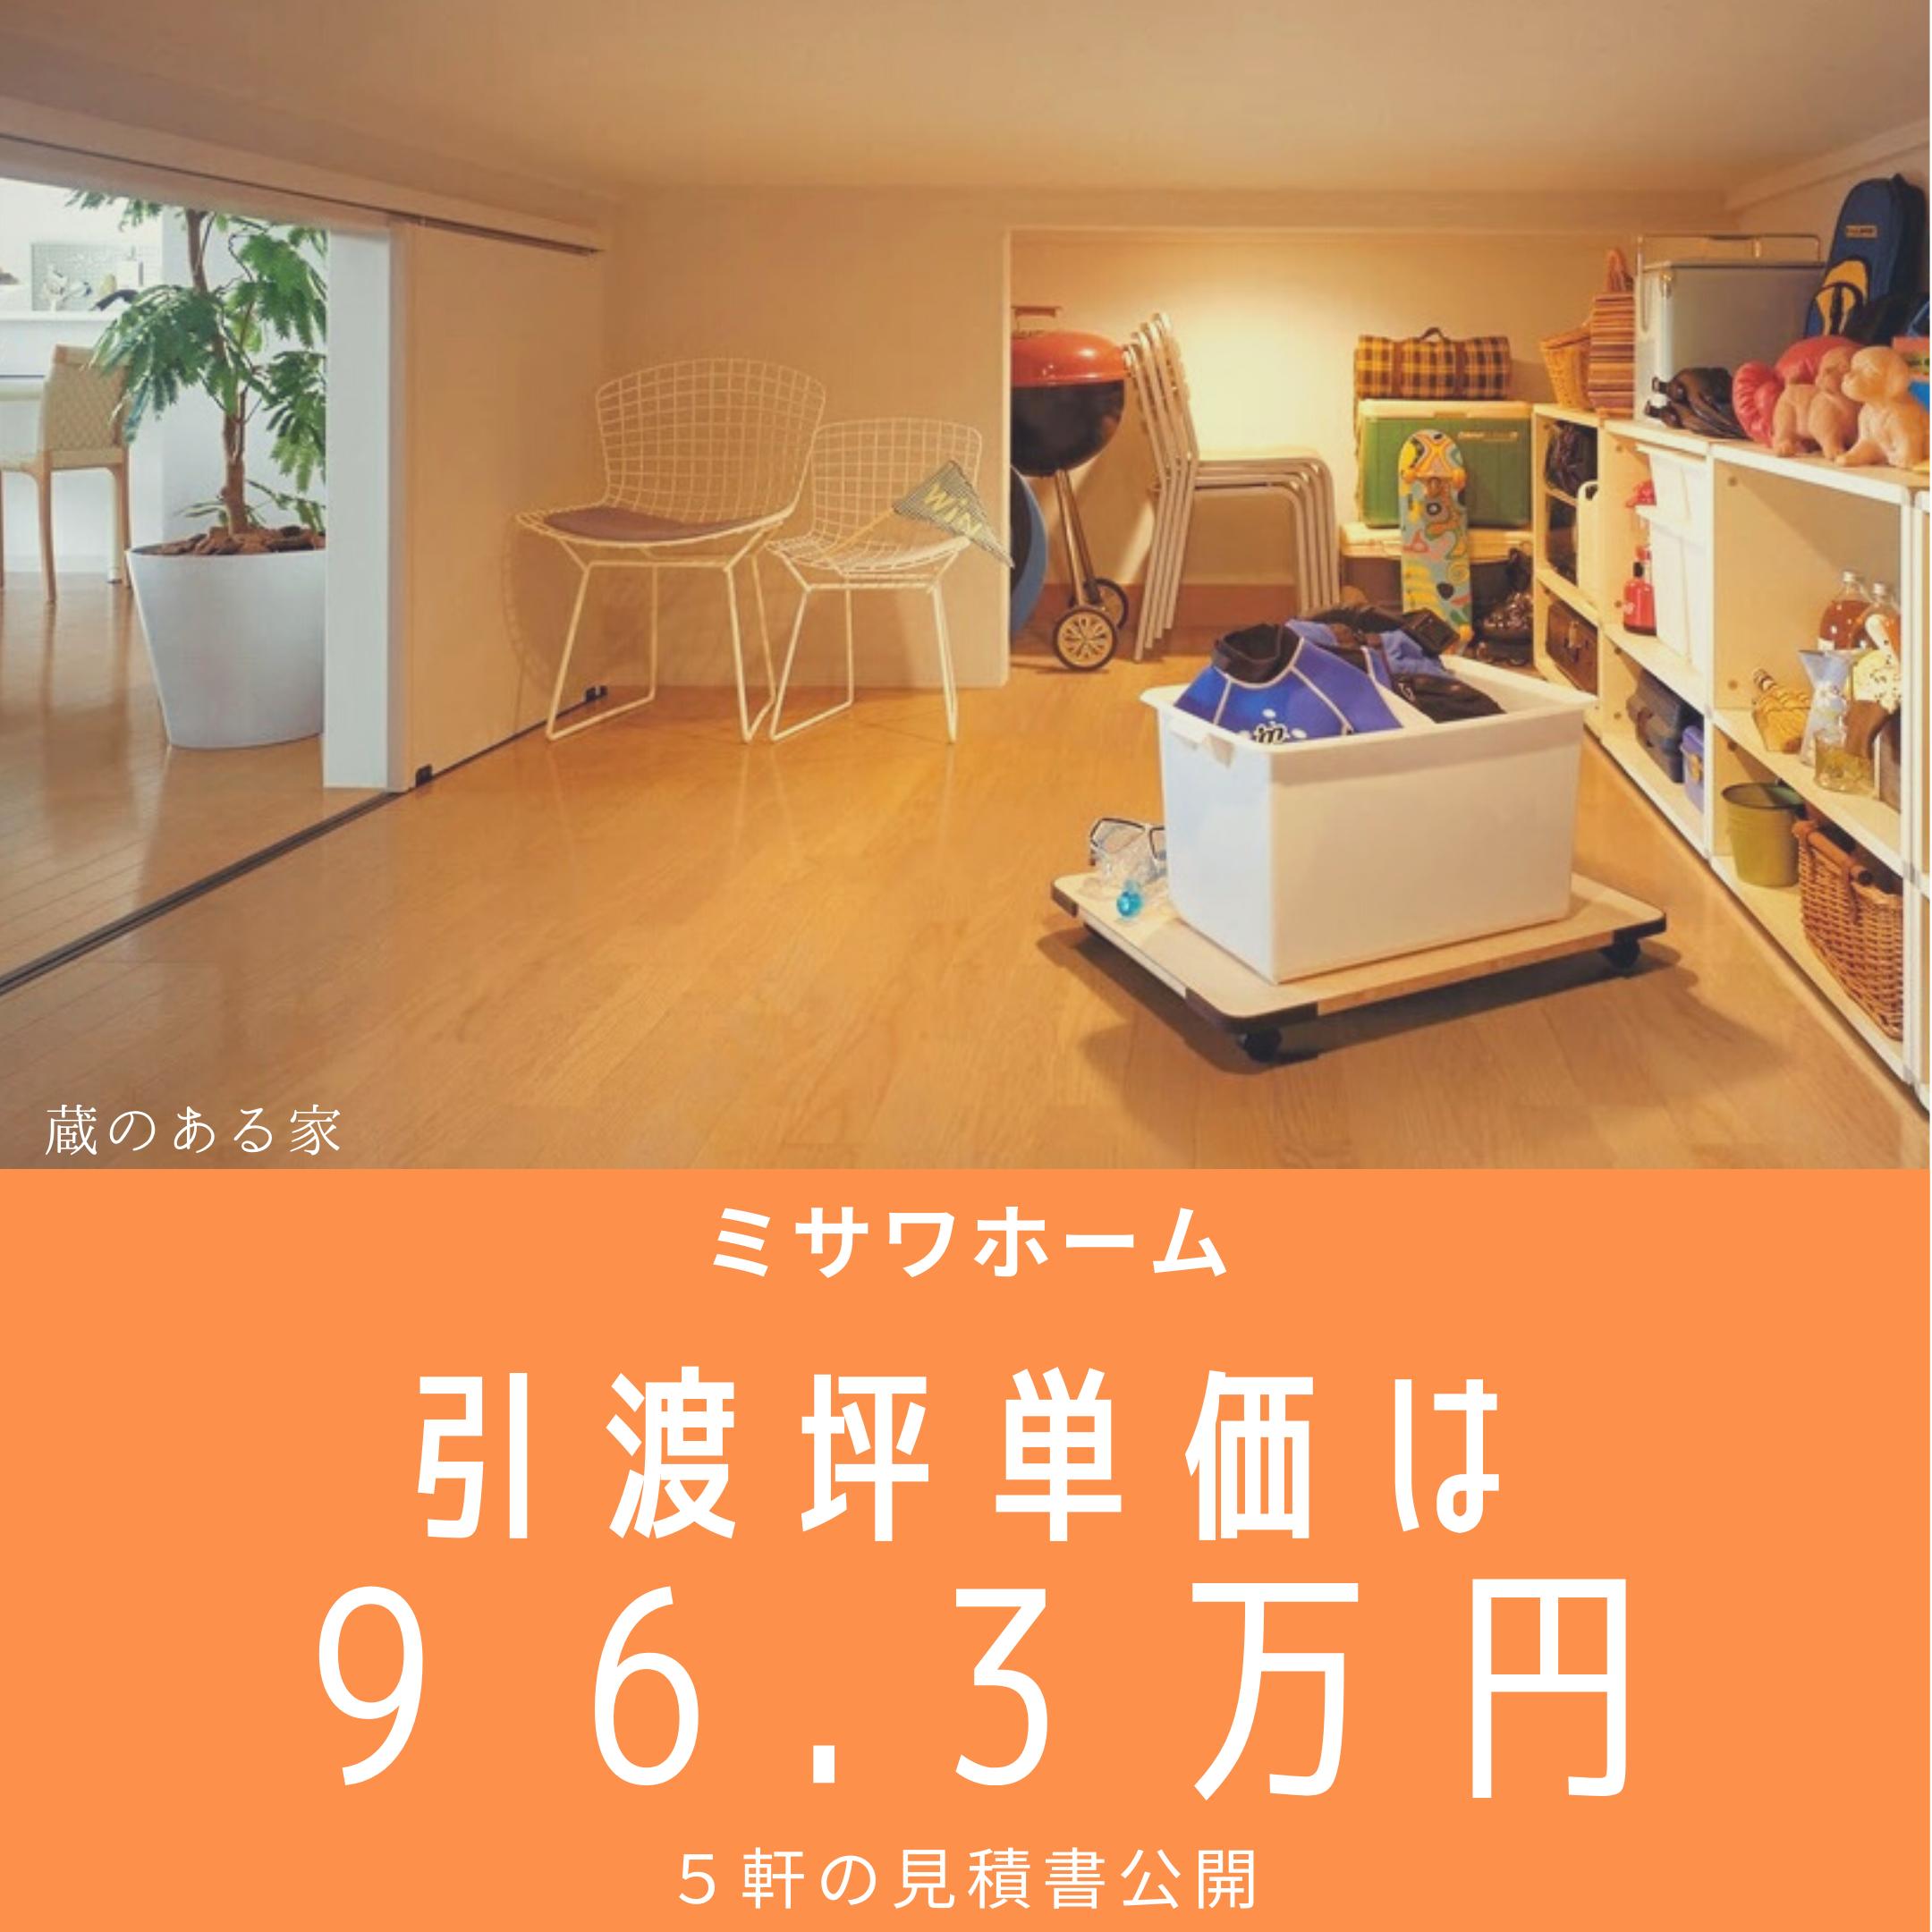 【ミサワホーム】引渡坪単価は96.3万円-5軒の見積書公開-